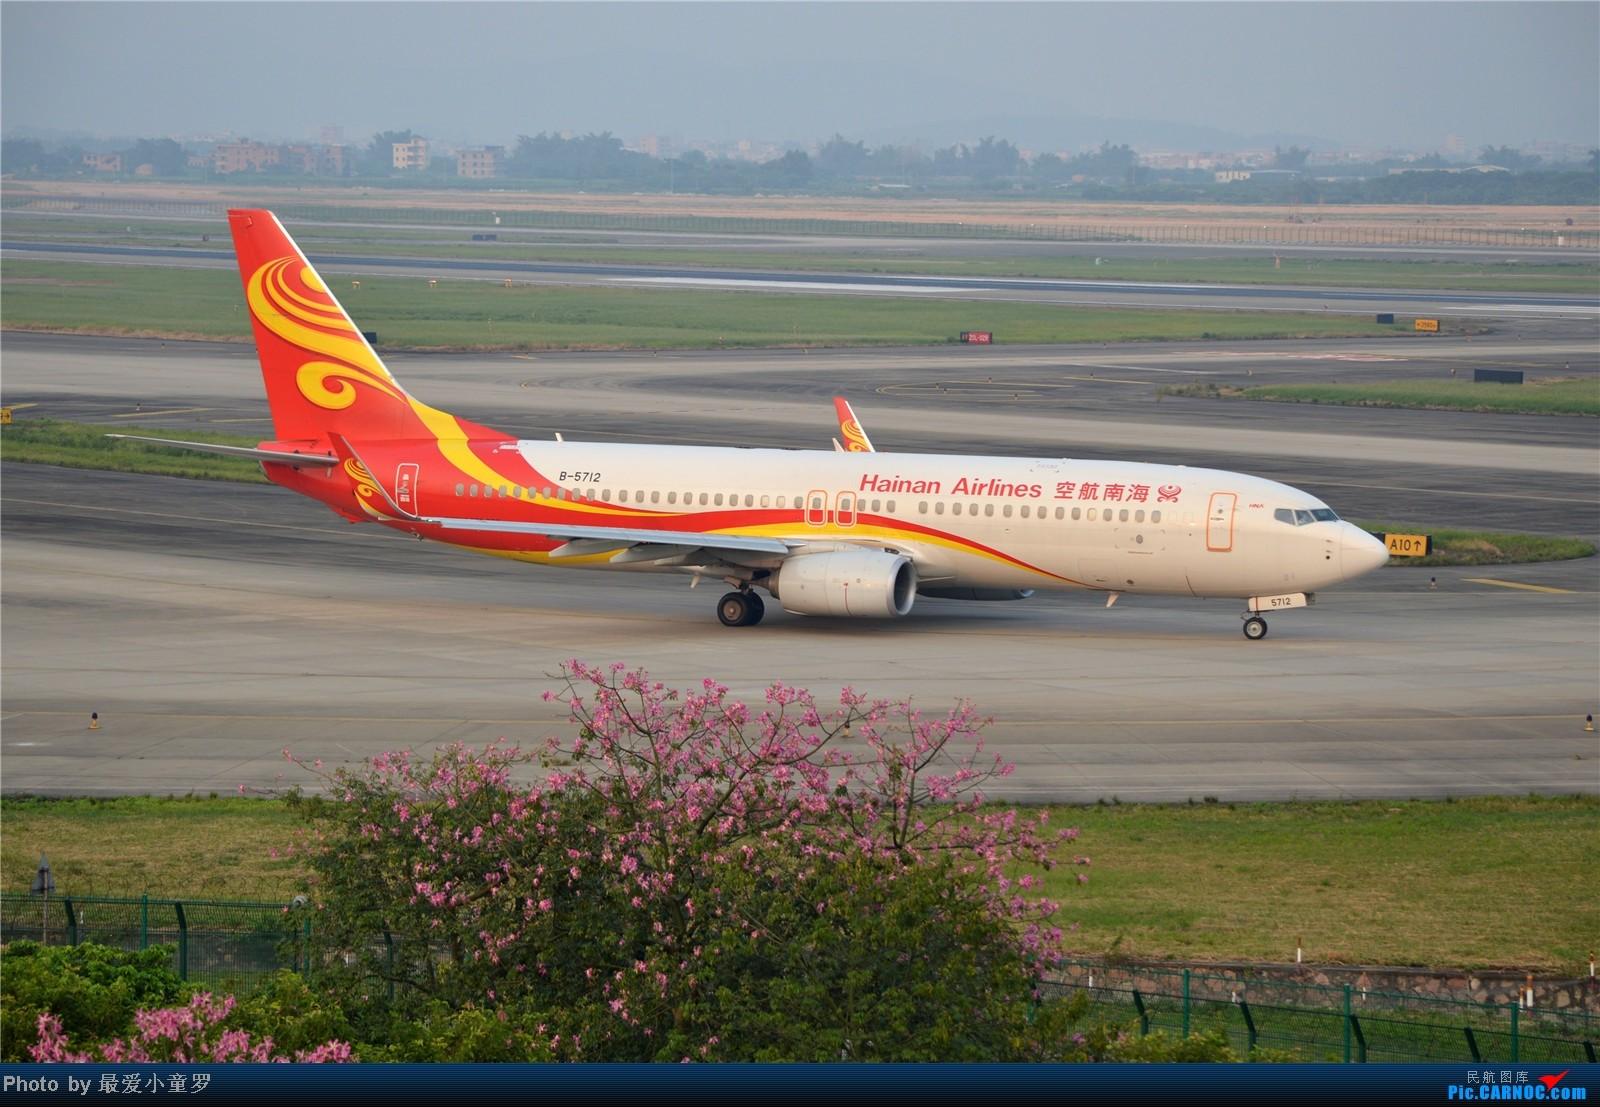 Re:[原创]炒冷饭系列2013年10月4日CAN拍机,带消防塔角度 BOEING 737-800 B-5712 中国广州白云机场